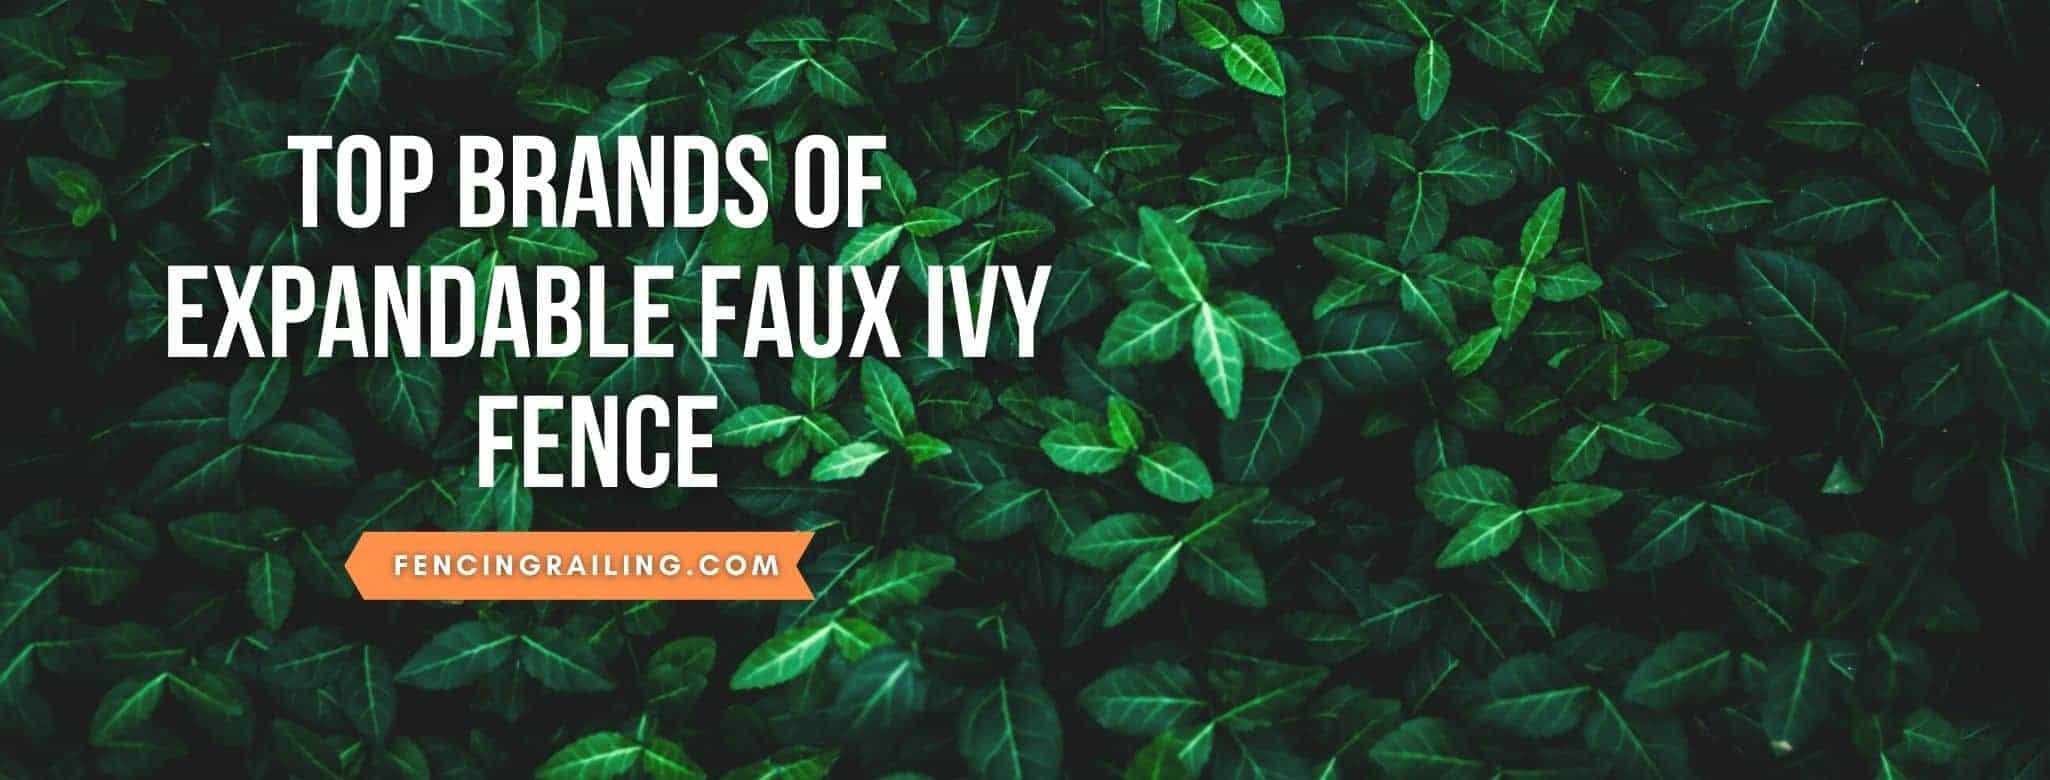 Expandable faux ivy fence